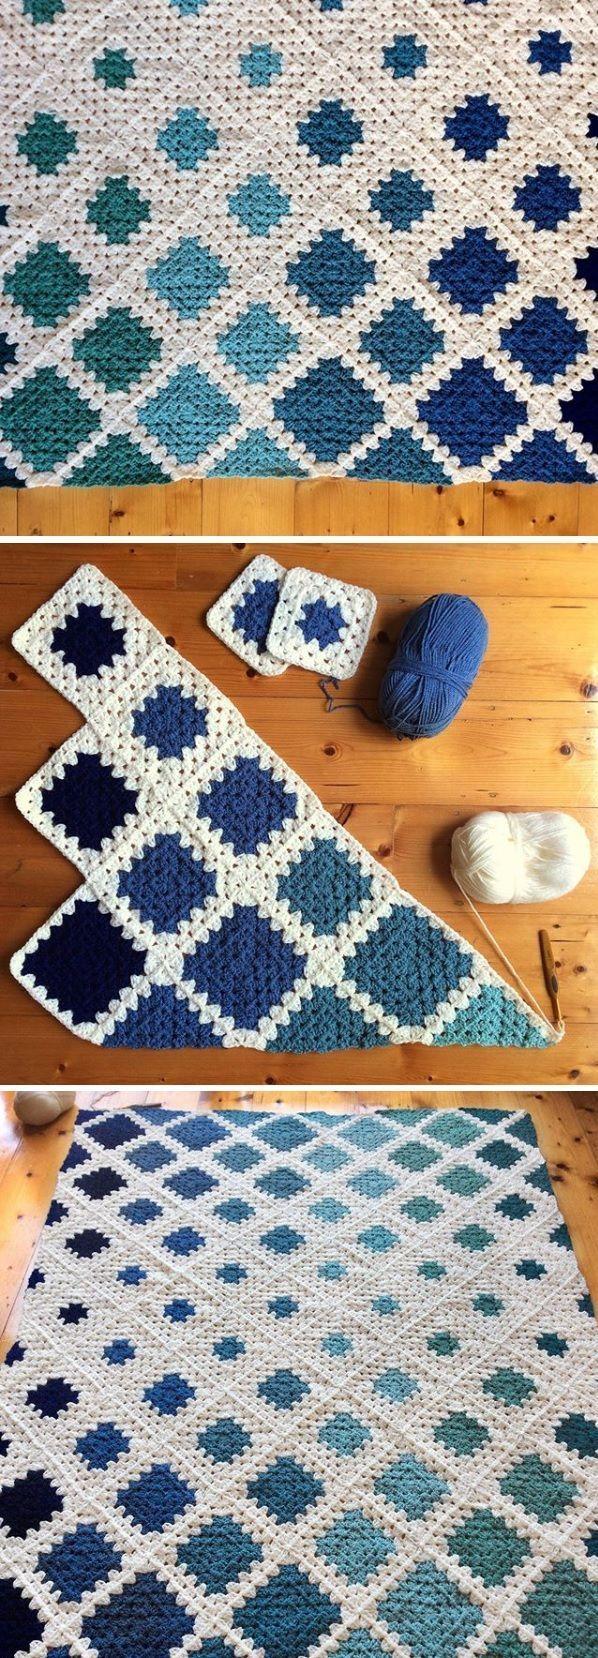 Photo of Tutorial für quadratische Motivdecken #crochetbowl Tutorial für quadratische M…